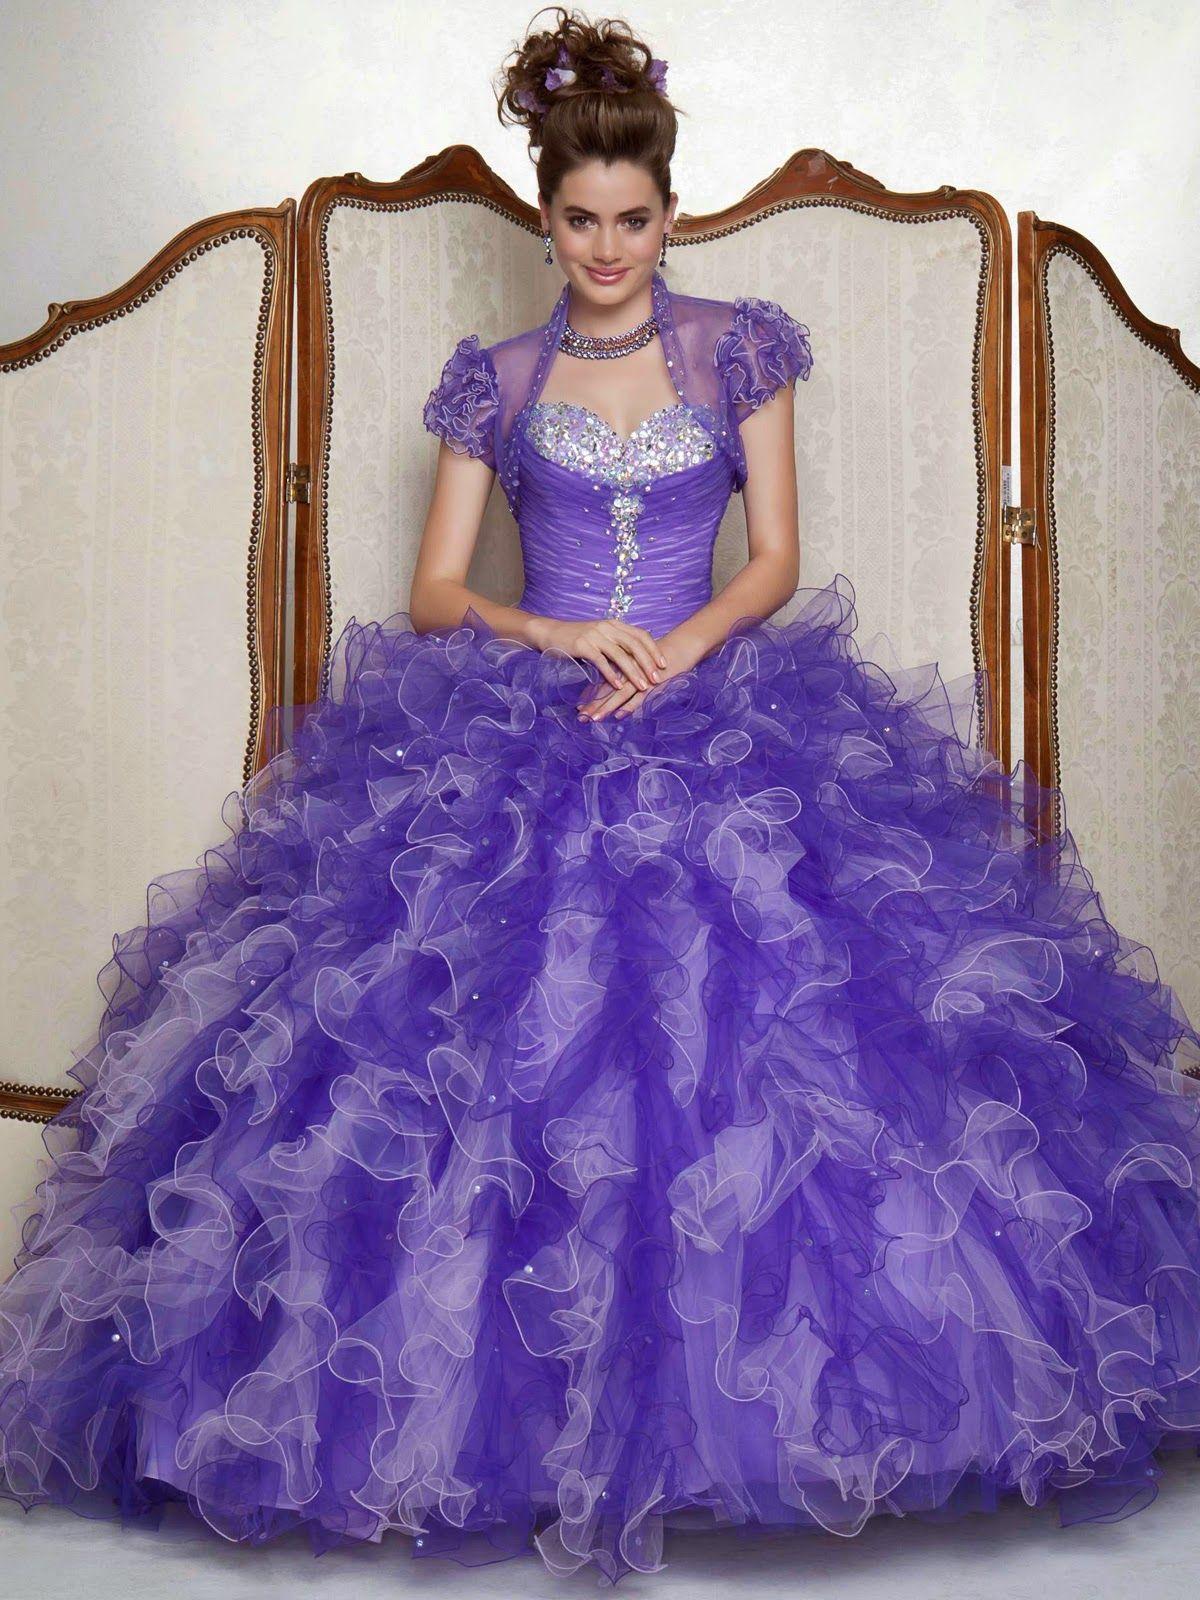 Exclusivos vestidos de 15 años | Colección fiesta | v de 15 | Pinterest